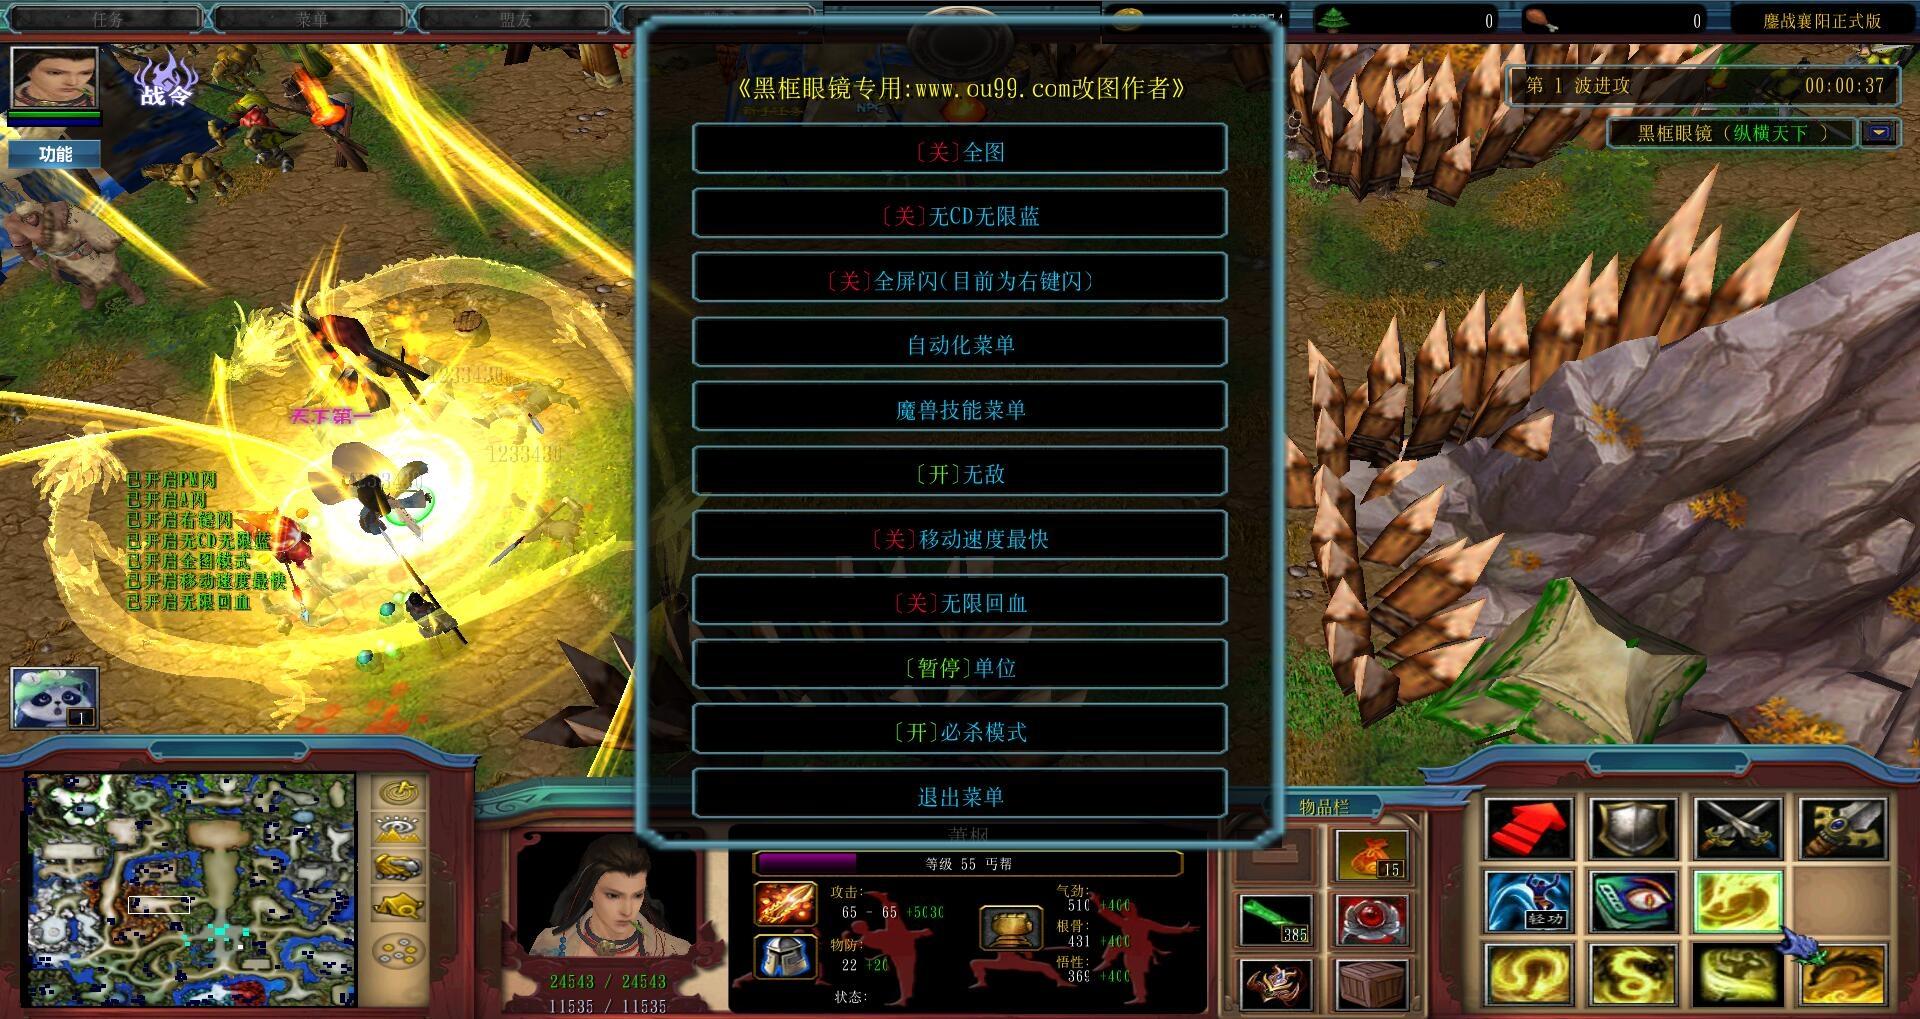 鏖战襄阳5.8.0黑式破解